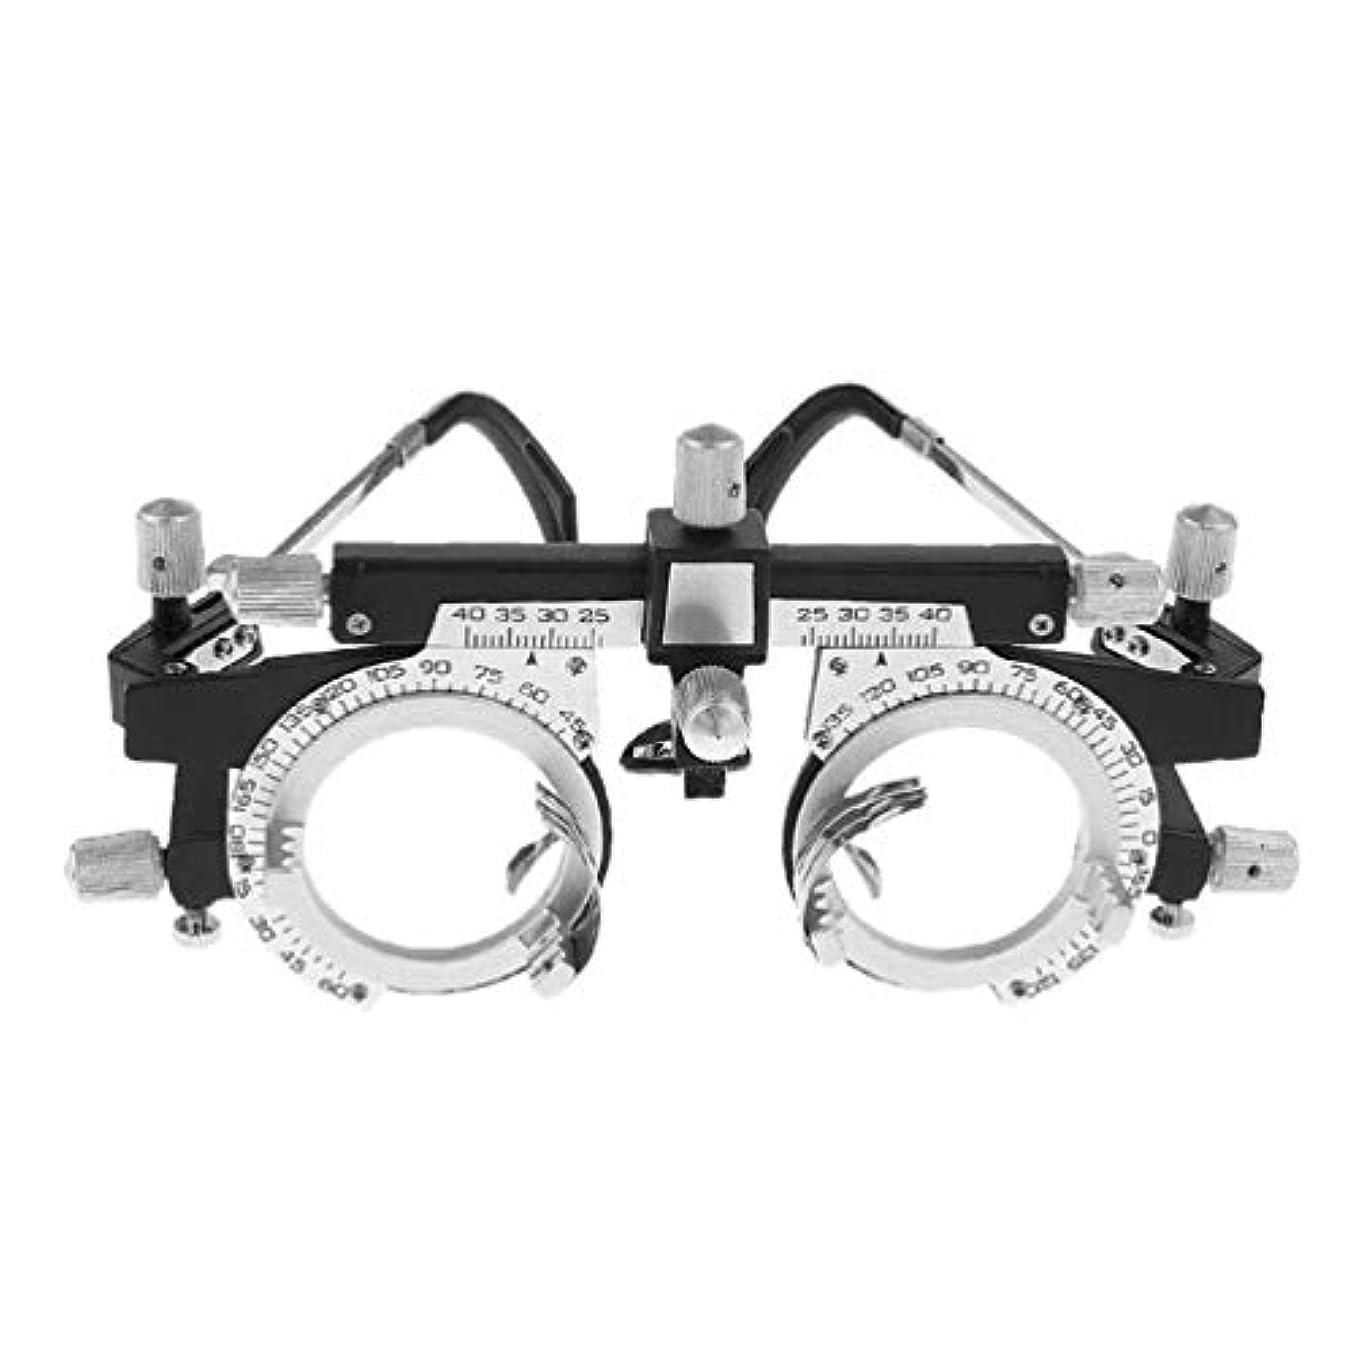 味付け作り味調節可能なプロフェッショナルアイウェア検眼メタルフレーム光学オプティクストライアルレンズメタルフレームPDメガネアクセサリー - シルバー&ブラック